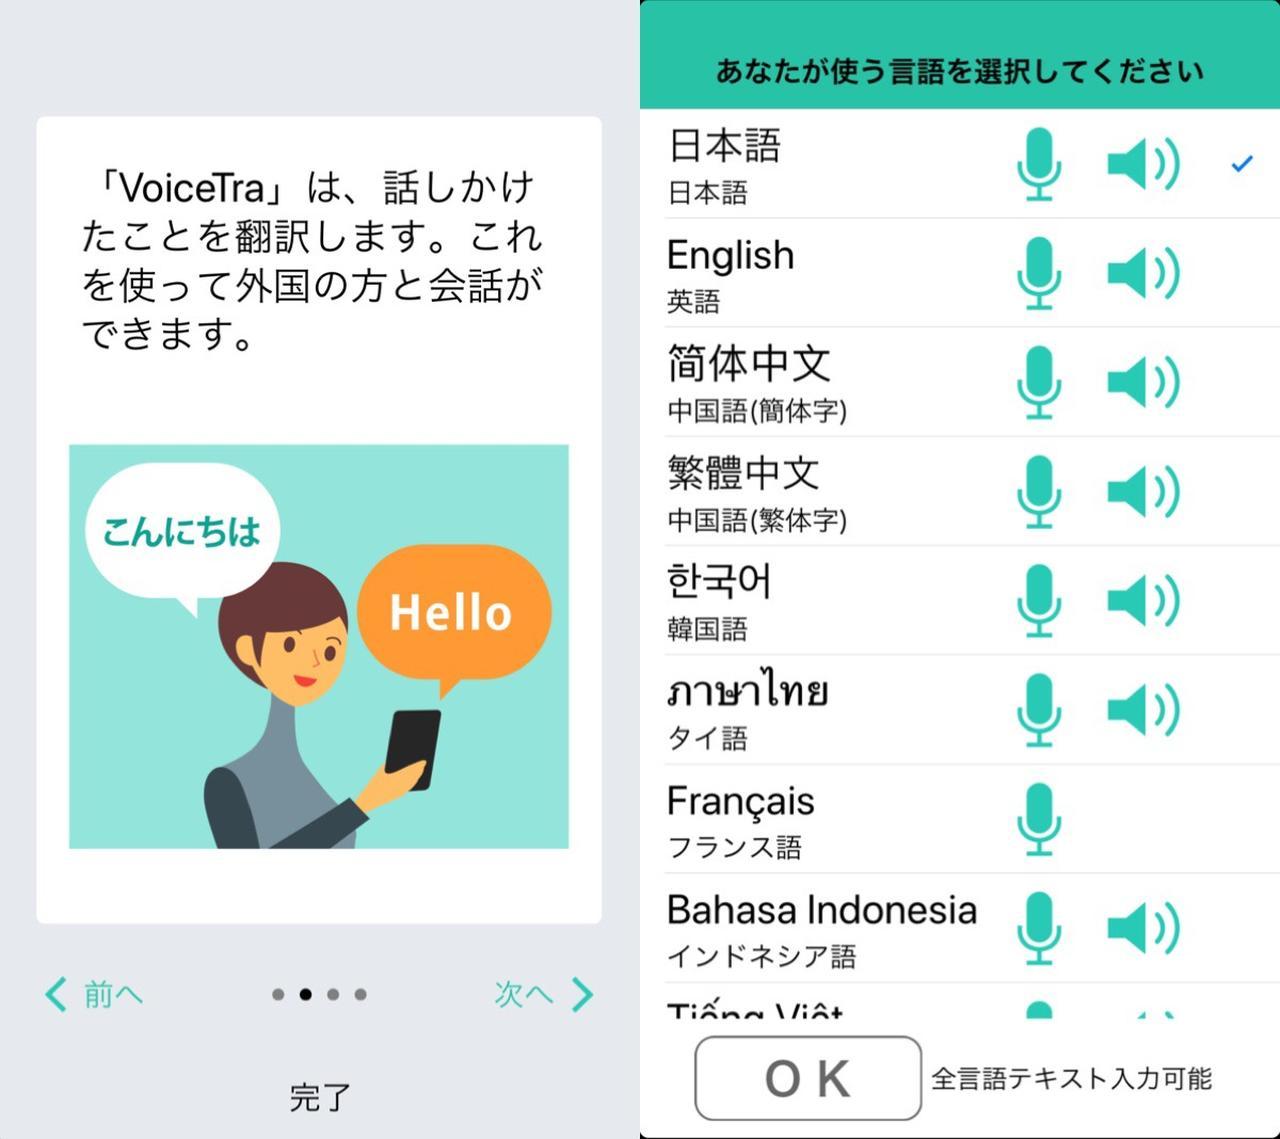 画像1: 話しかけるだけでアプリが自動で翻訳!翻訳結果が正しいかもわかるんです。